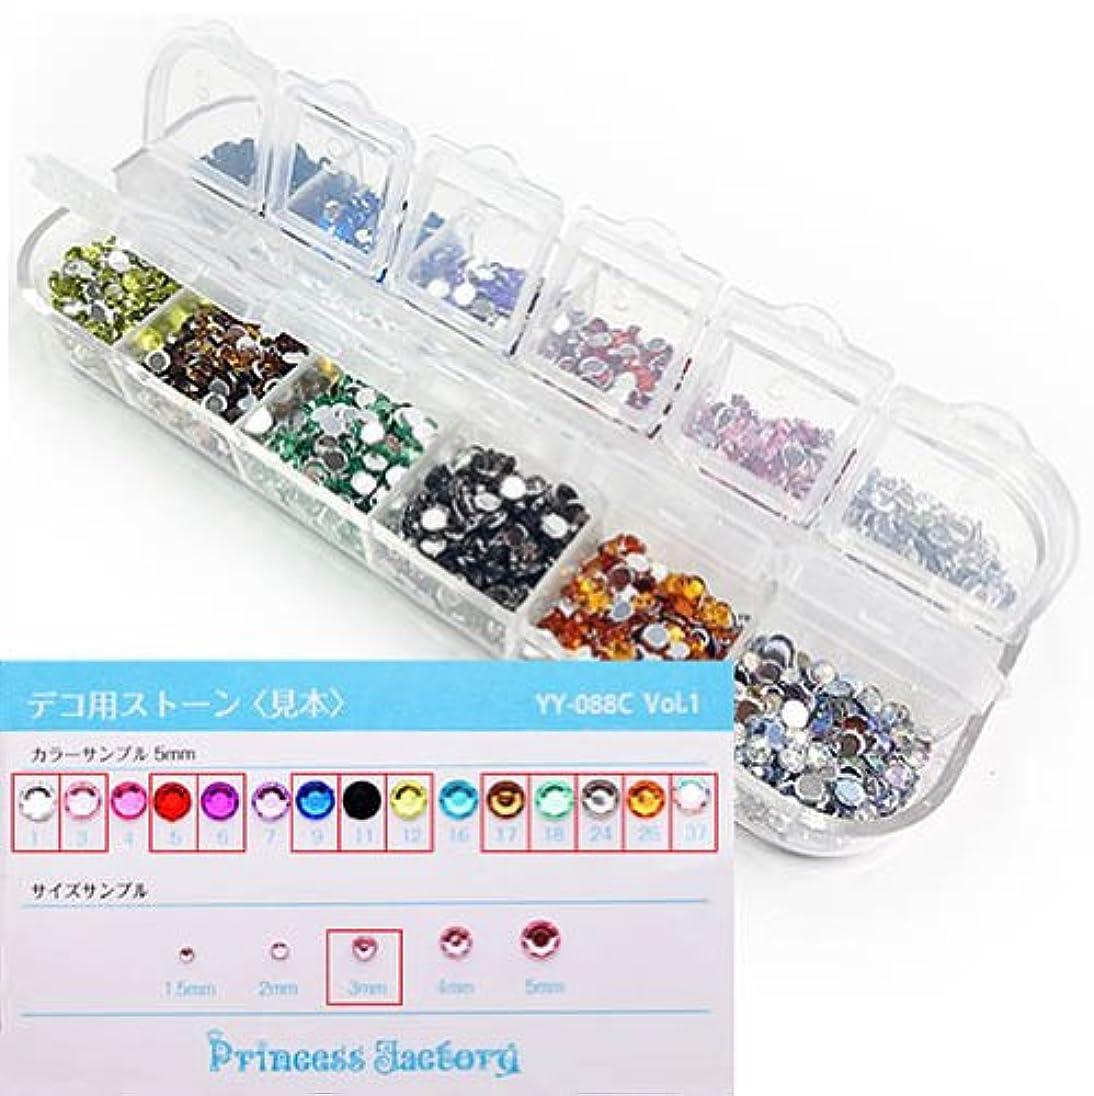 アジア首遺体安置所カラーラインストーン12色 ケース入 ネイル デコ用 大容量セット 3mm(約3,000粒)